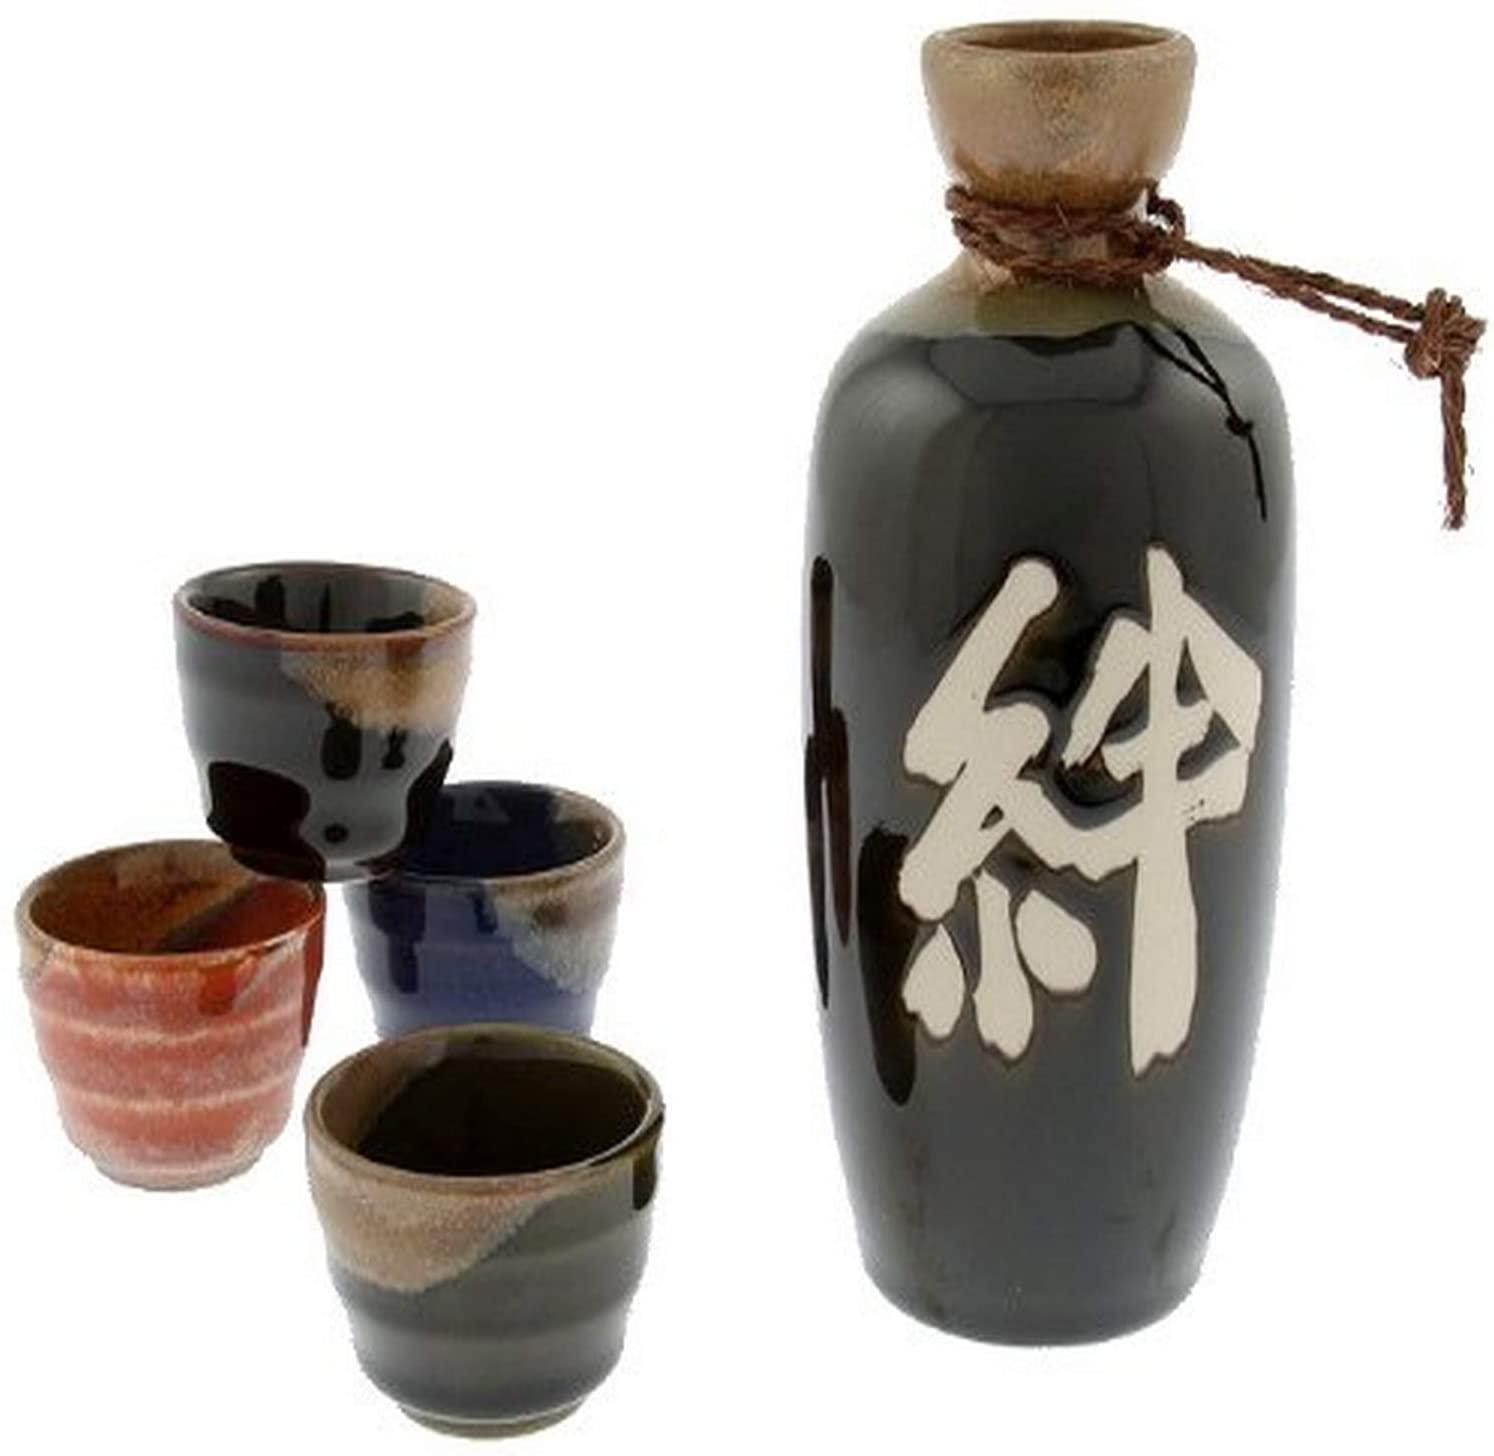 Japanese Kanji Calligraphy Sake Set - best souvenirs from Japan